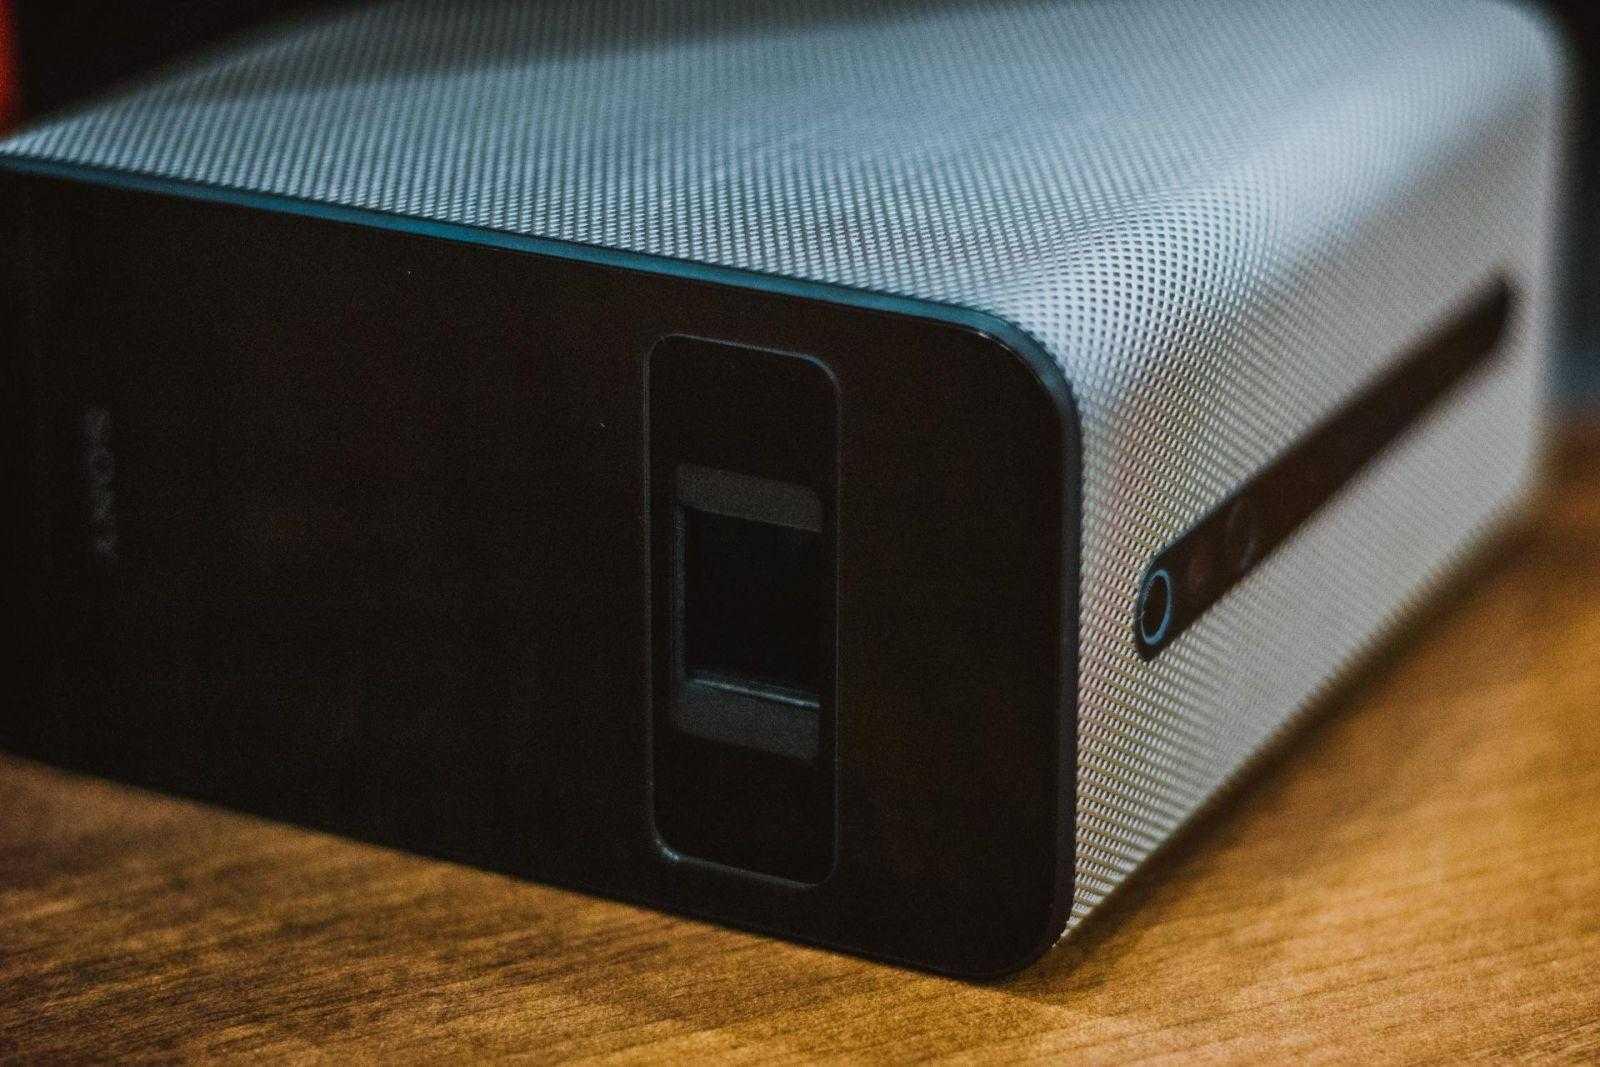 Обзор проектора Sony Xperia Touch. Потрогай виртуальность (DSC 5924)